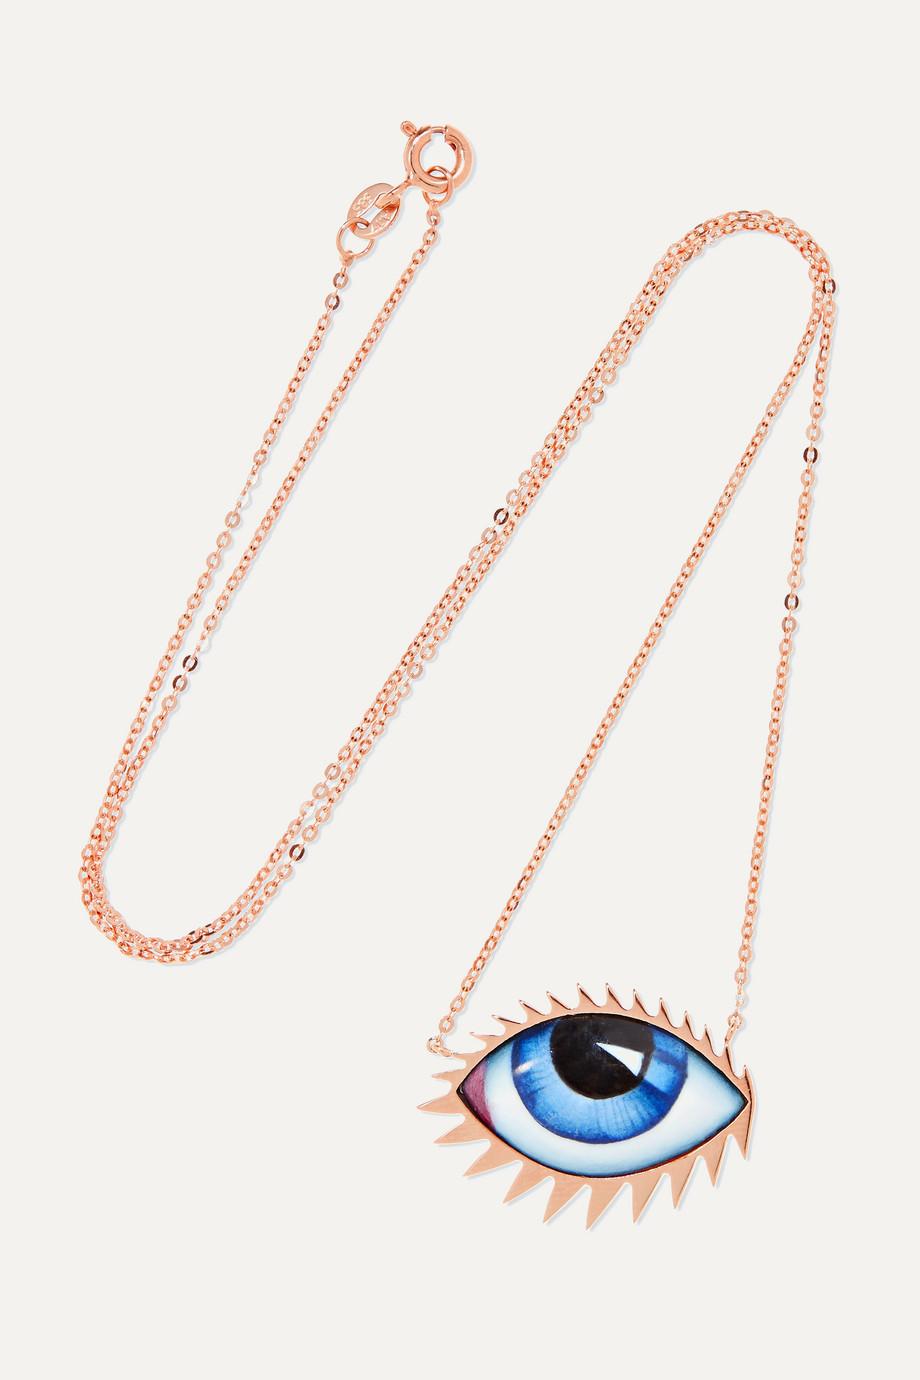 Lito + Zeus+Dione Tu Es Partout 14-karat rose gold enamel necklace